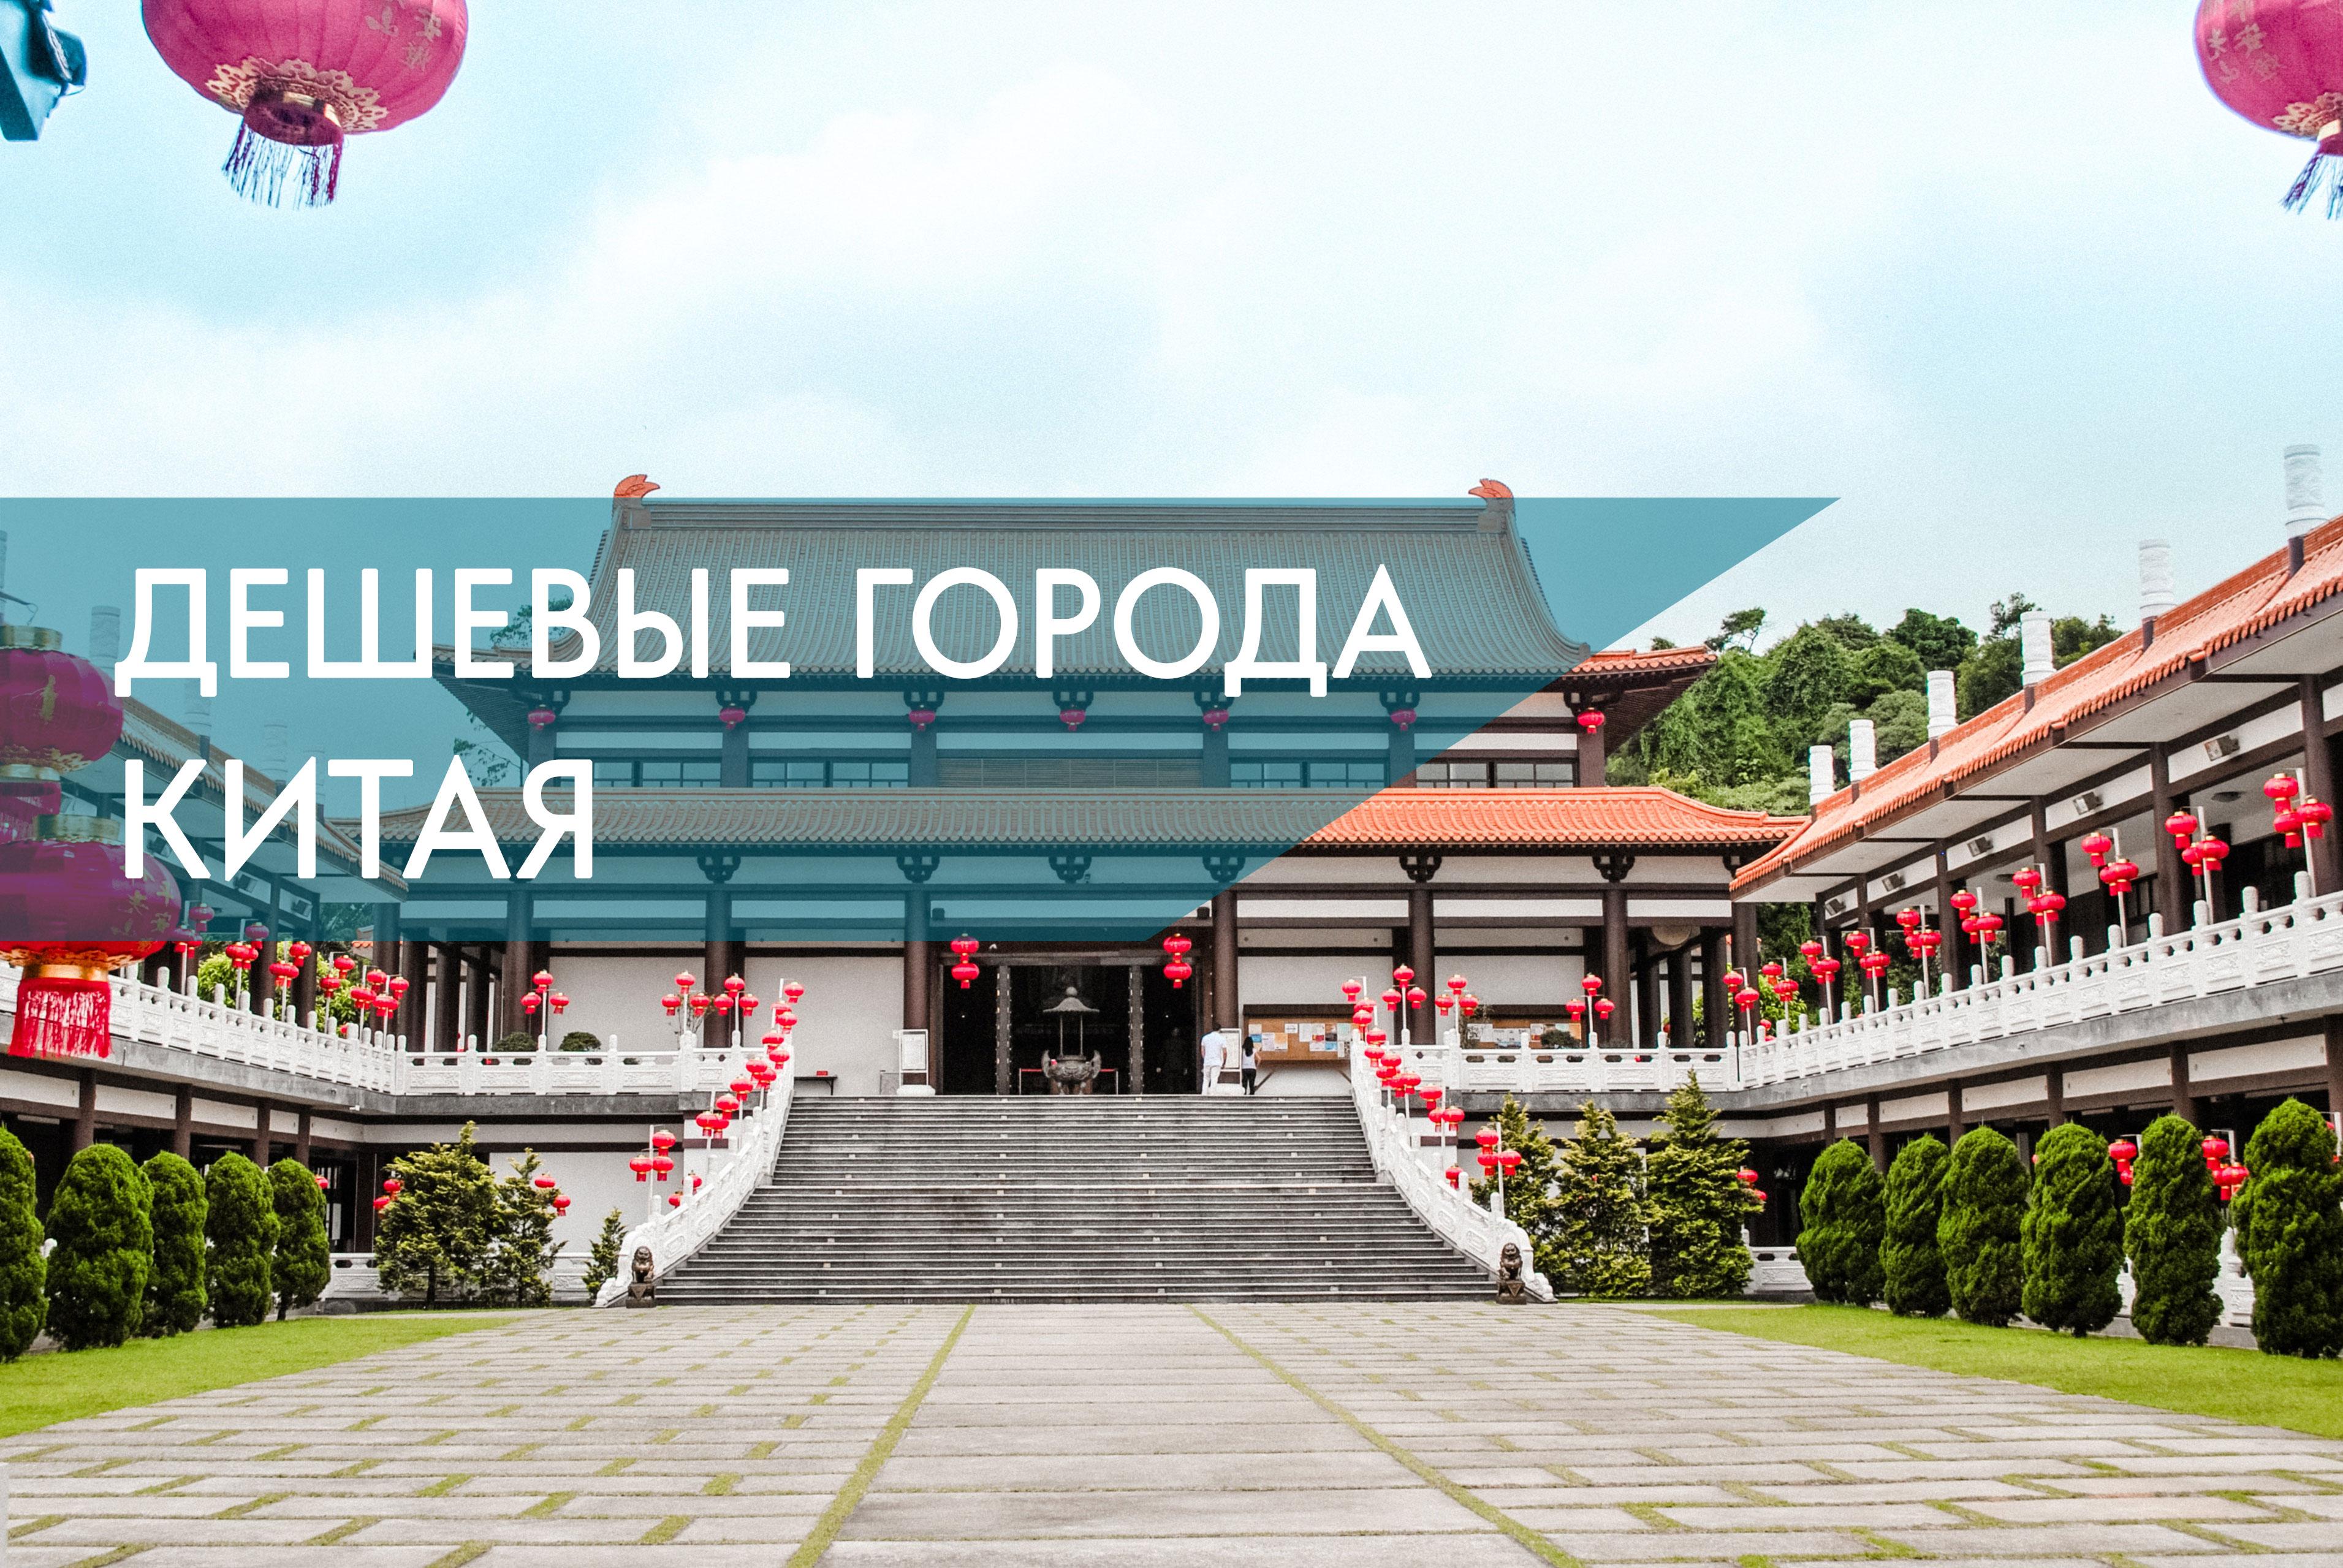 Самостоятельные путешествия: самые дешевые города Китая в 2018 году